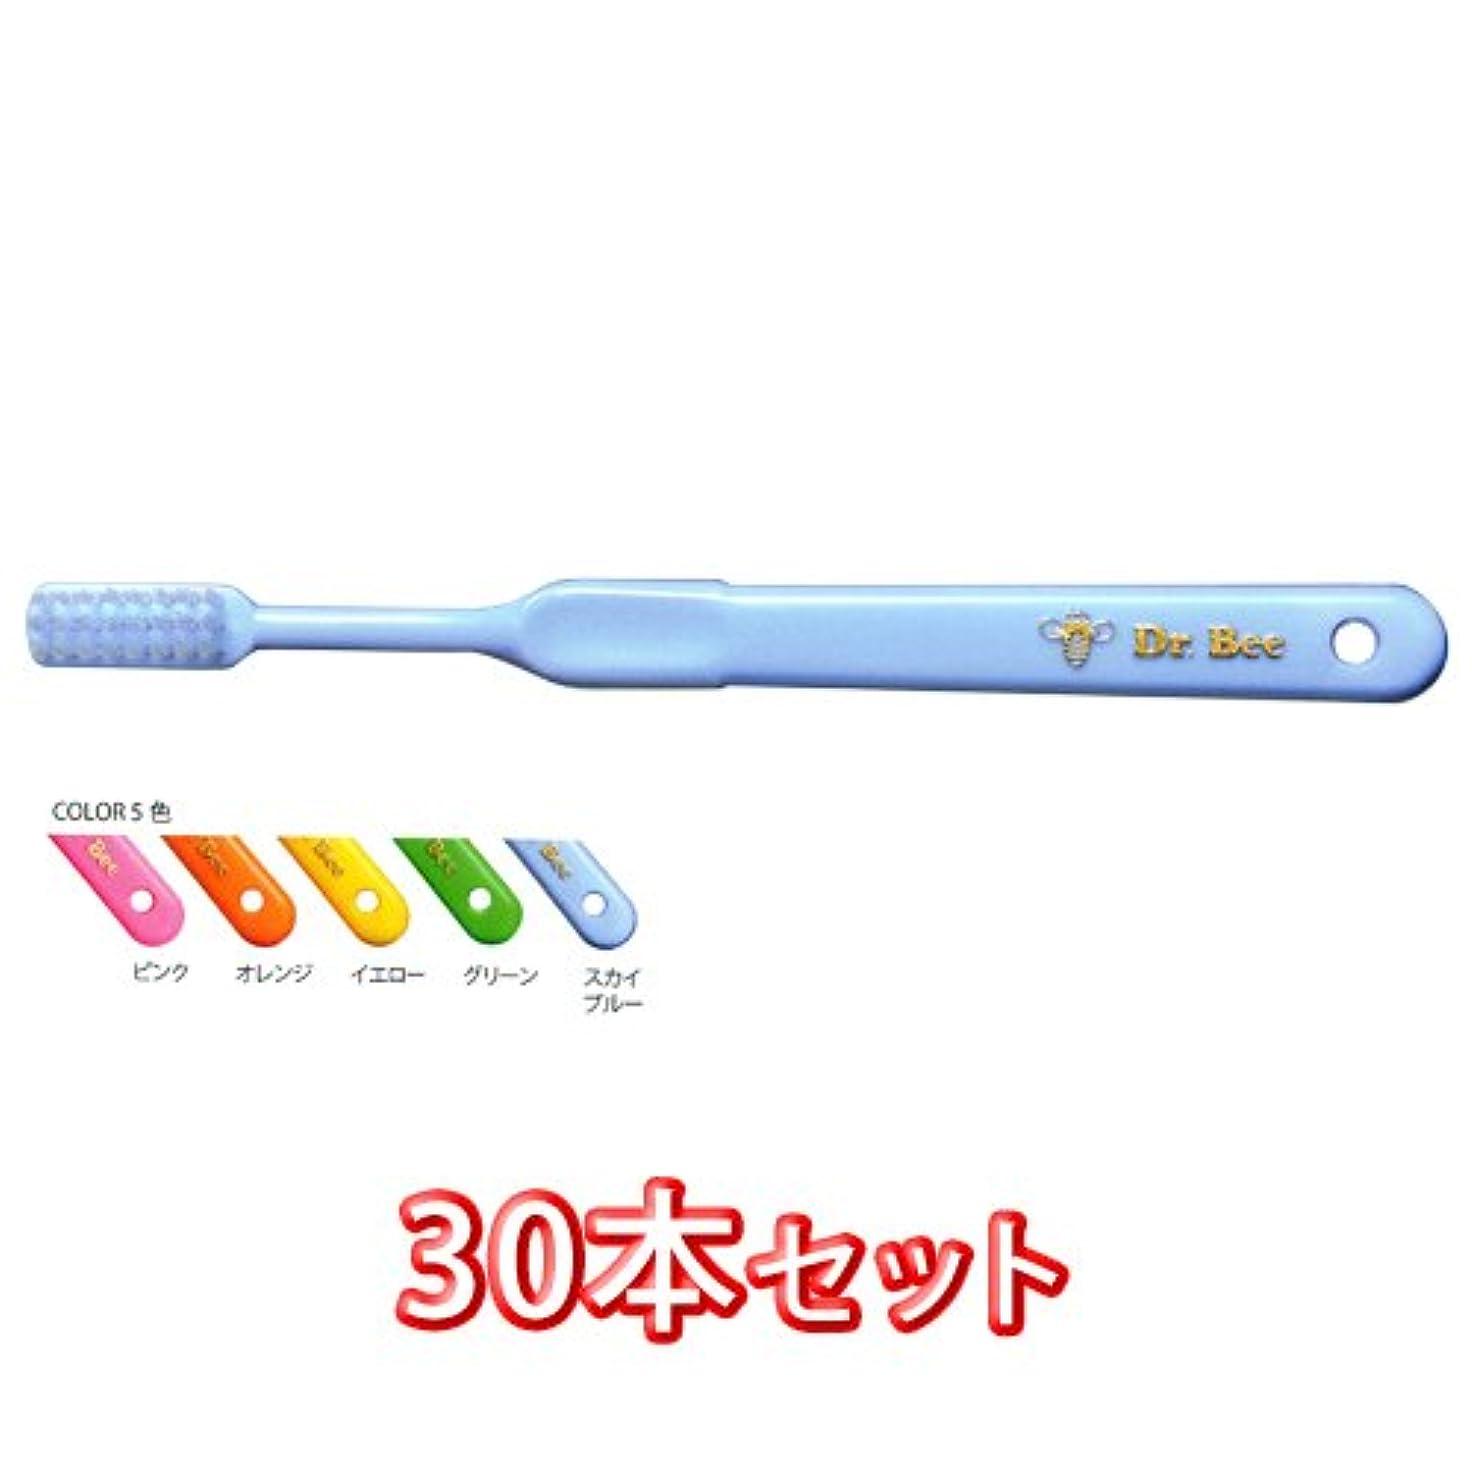 ビーブランド ドクタービー 歯ブラシ 30本入 ドクタービーソフト (ふつう))